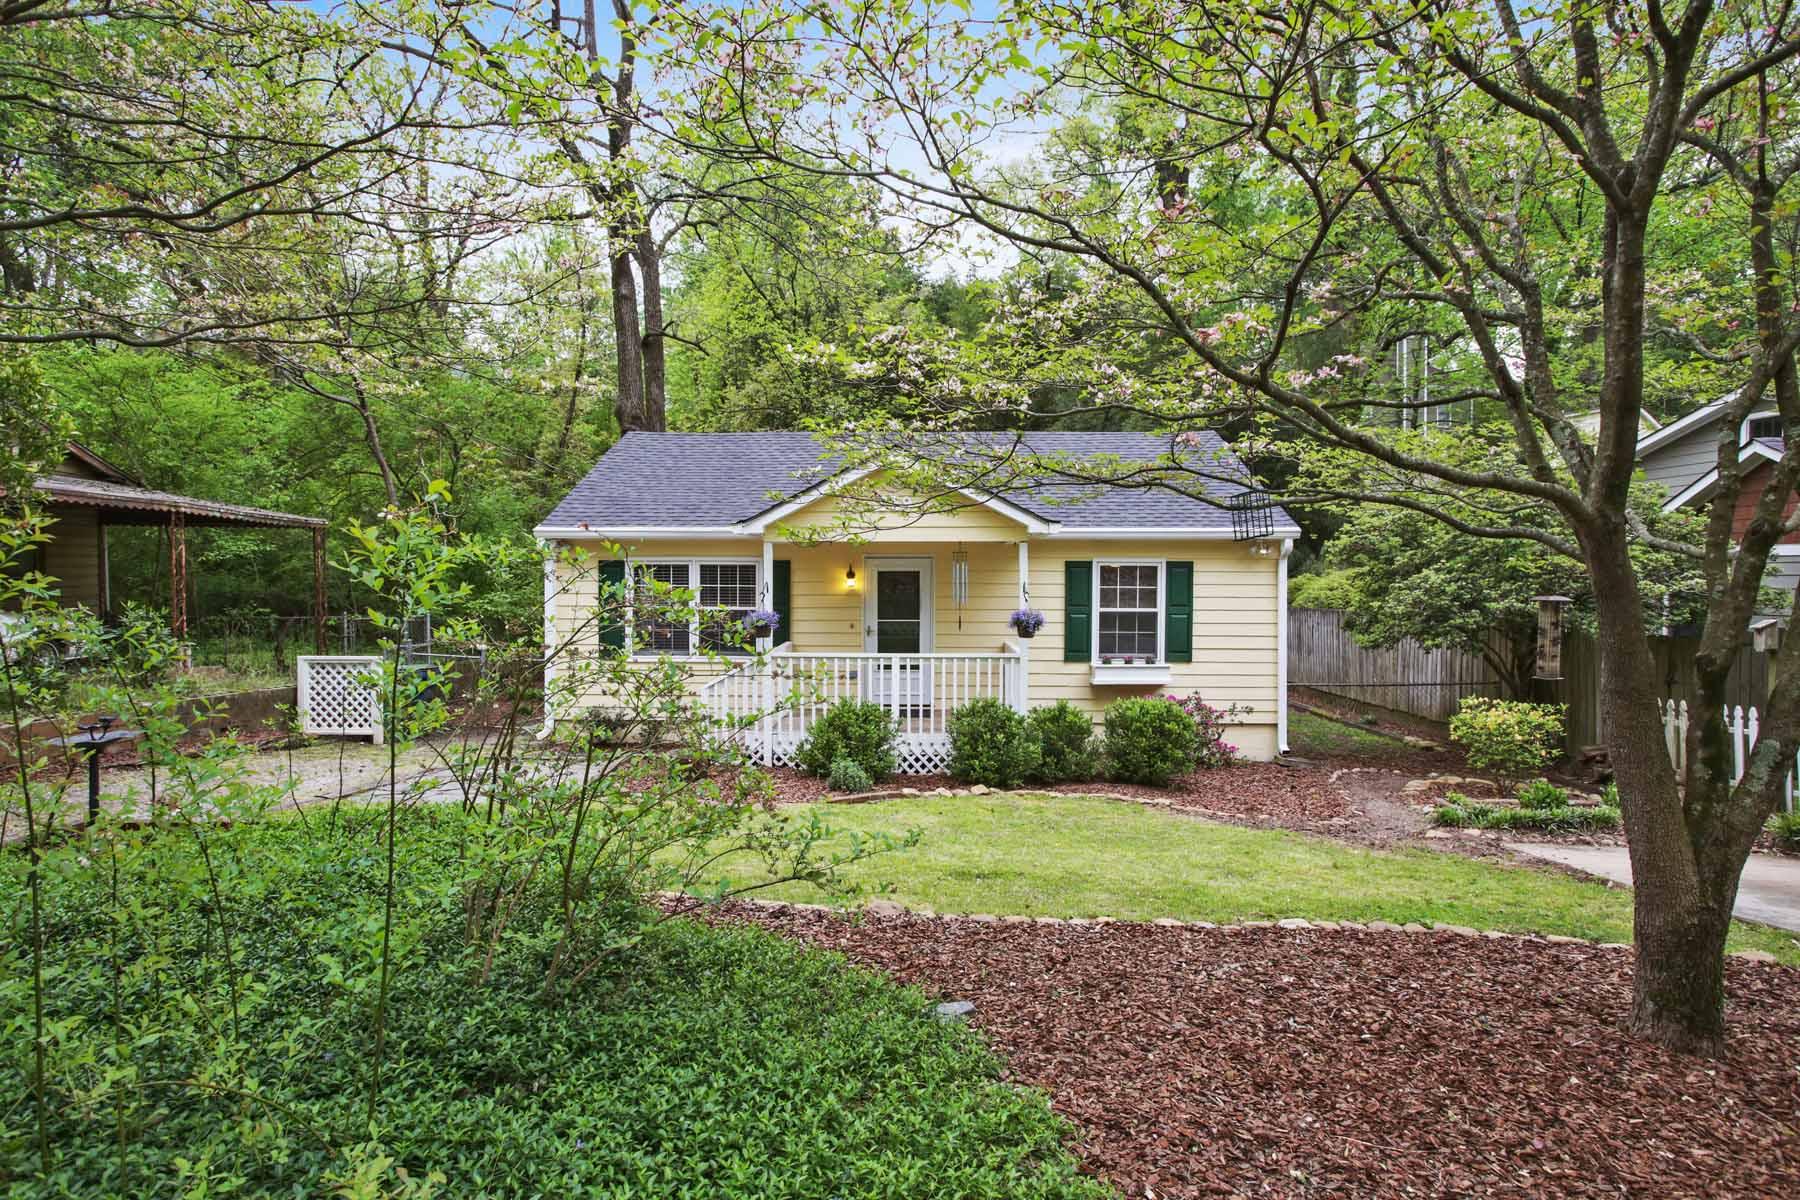 獨棟家庭住宅 為 出售 在 Amazing Value for 21 Updated Ormewood Park Bungalow! 989 Ormewood Avenue SE Atlanta, 喬治亞州 30316 美國